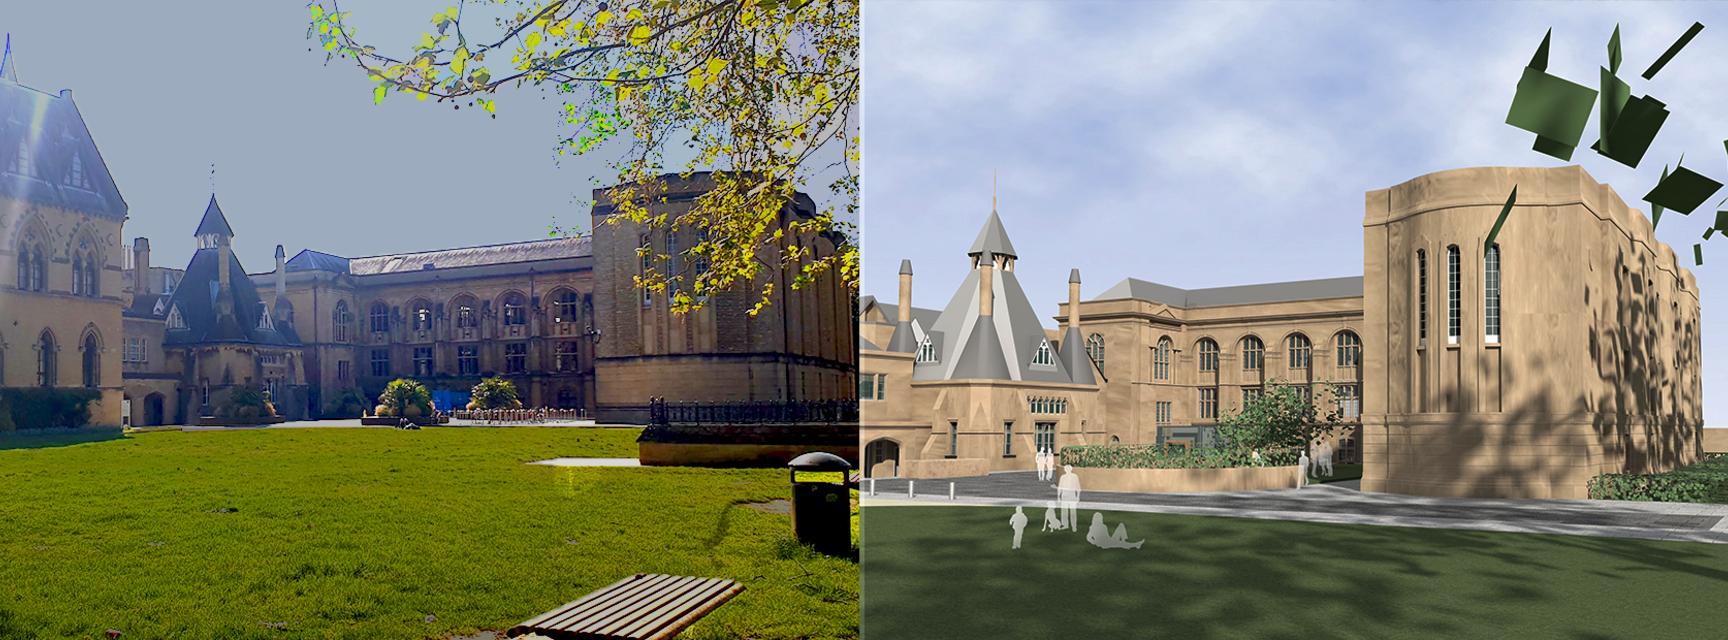 Images of the College Quad